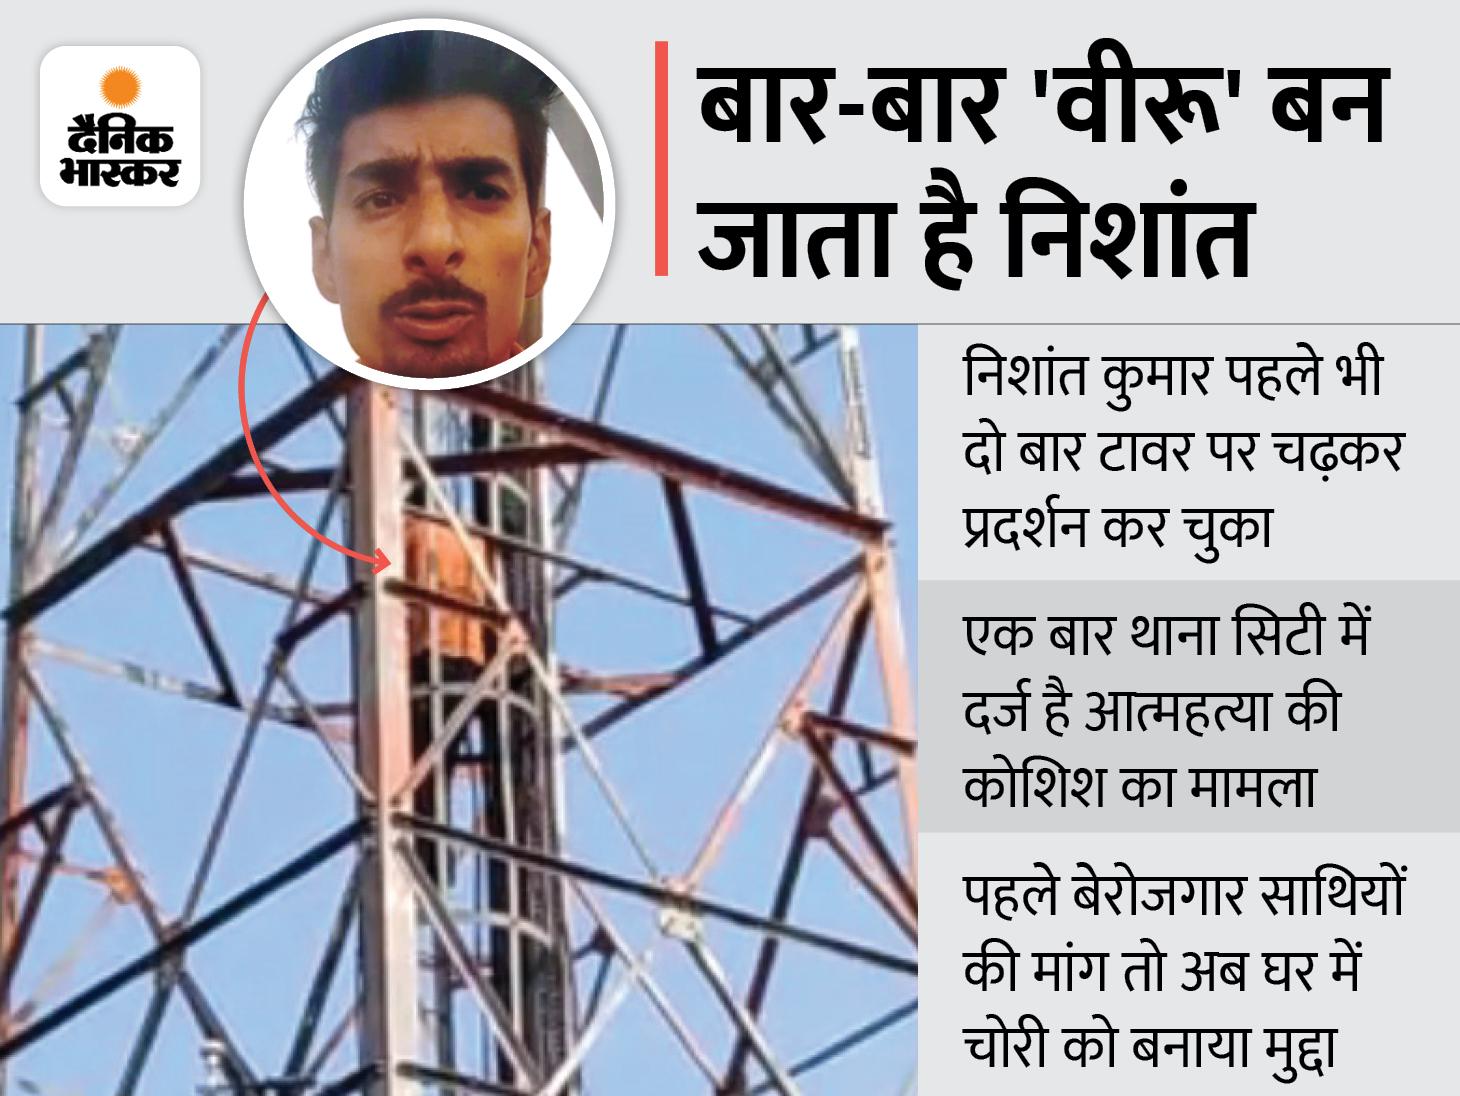 2 घंटे की कड़ी मशक्कत के बाद नीचे उतारा जा सका, डेढ़ महीने पहले घर में चोरी के मामले में पुलिस पर कार्रवाई नहीं करने का आरोप पंजाब,Punjab - Dainik Bhaskar